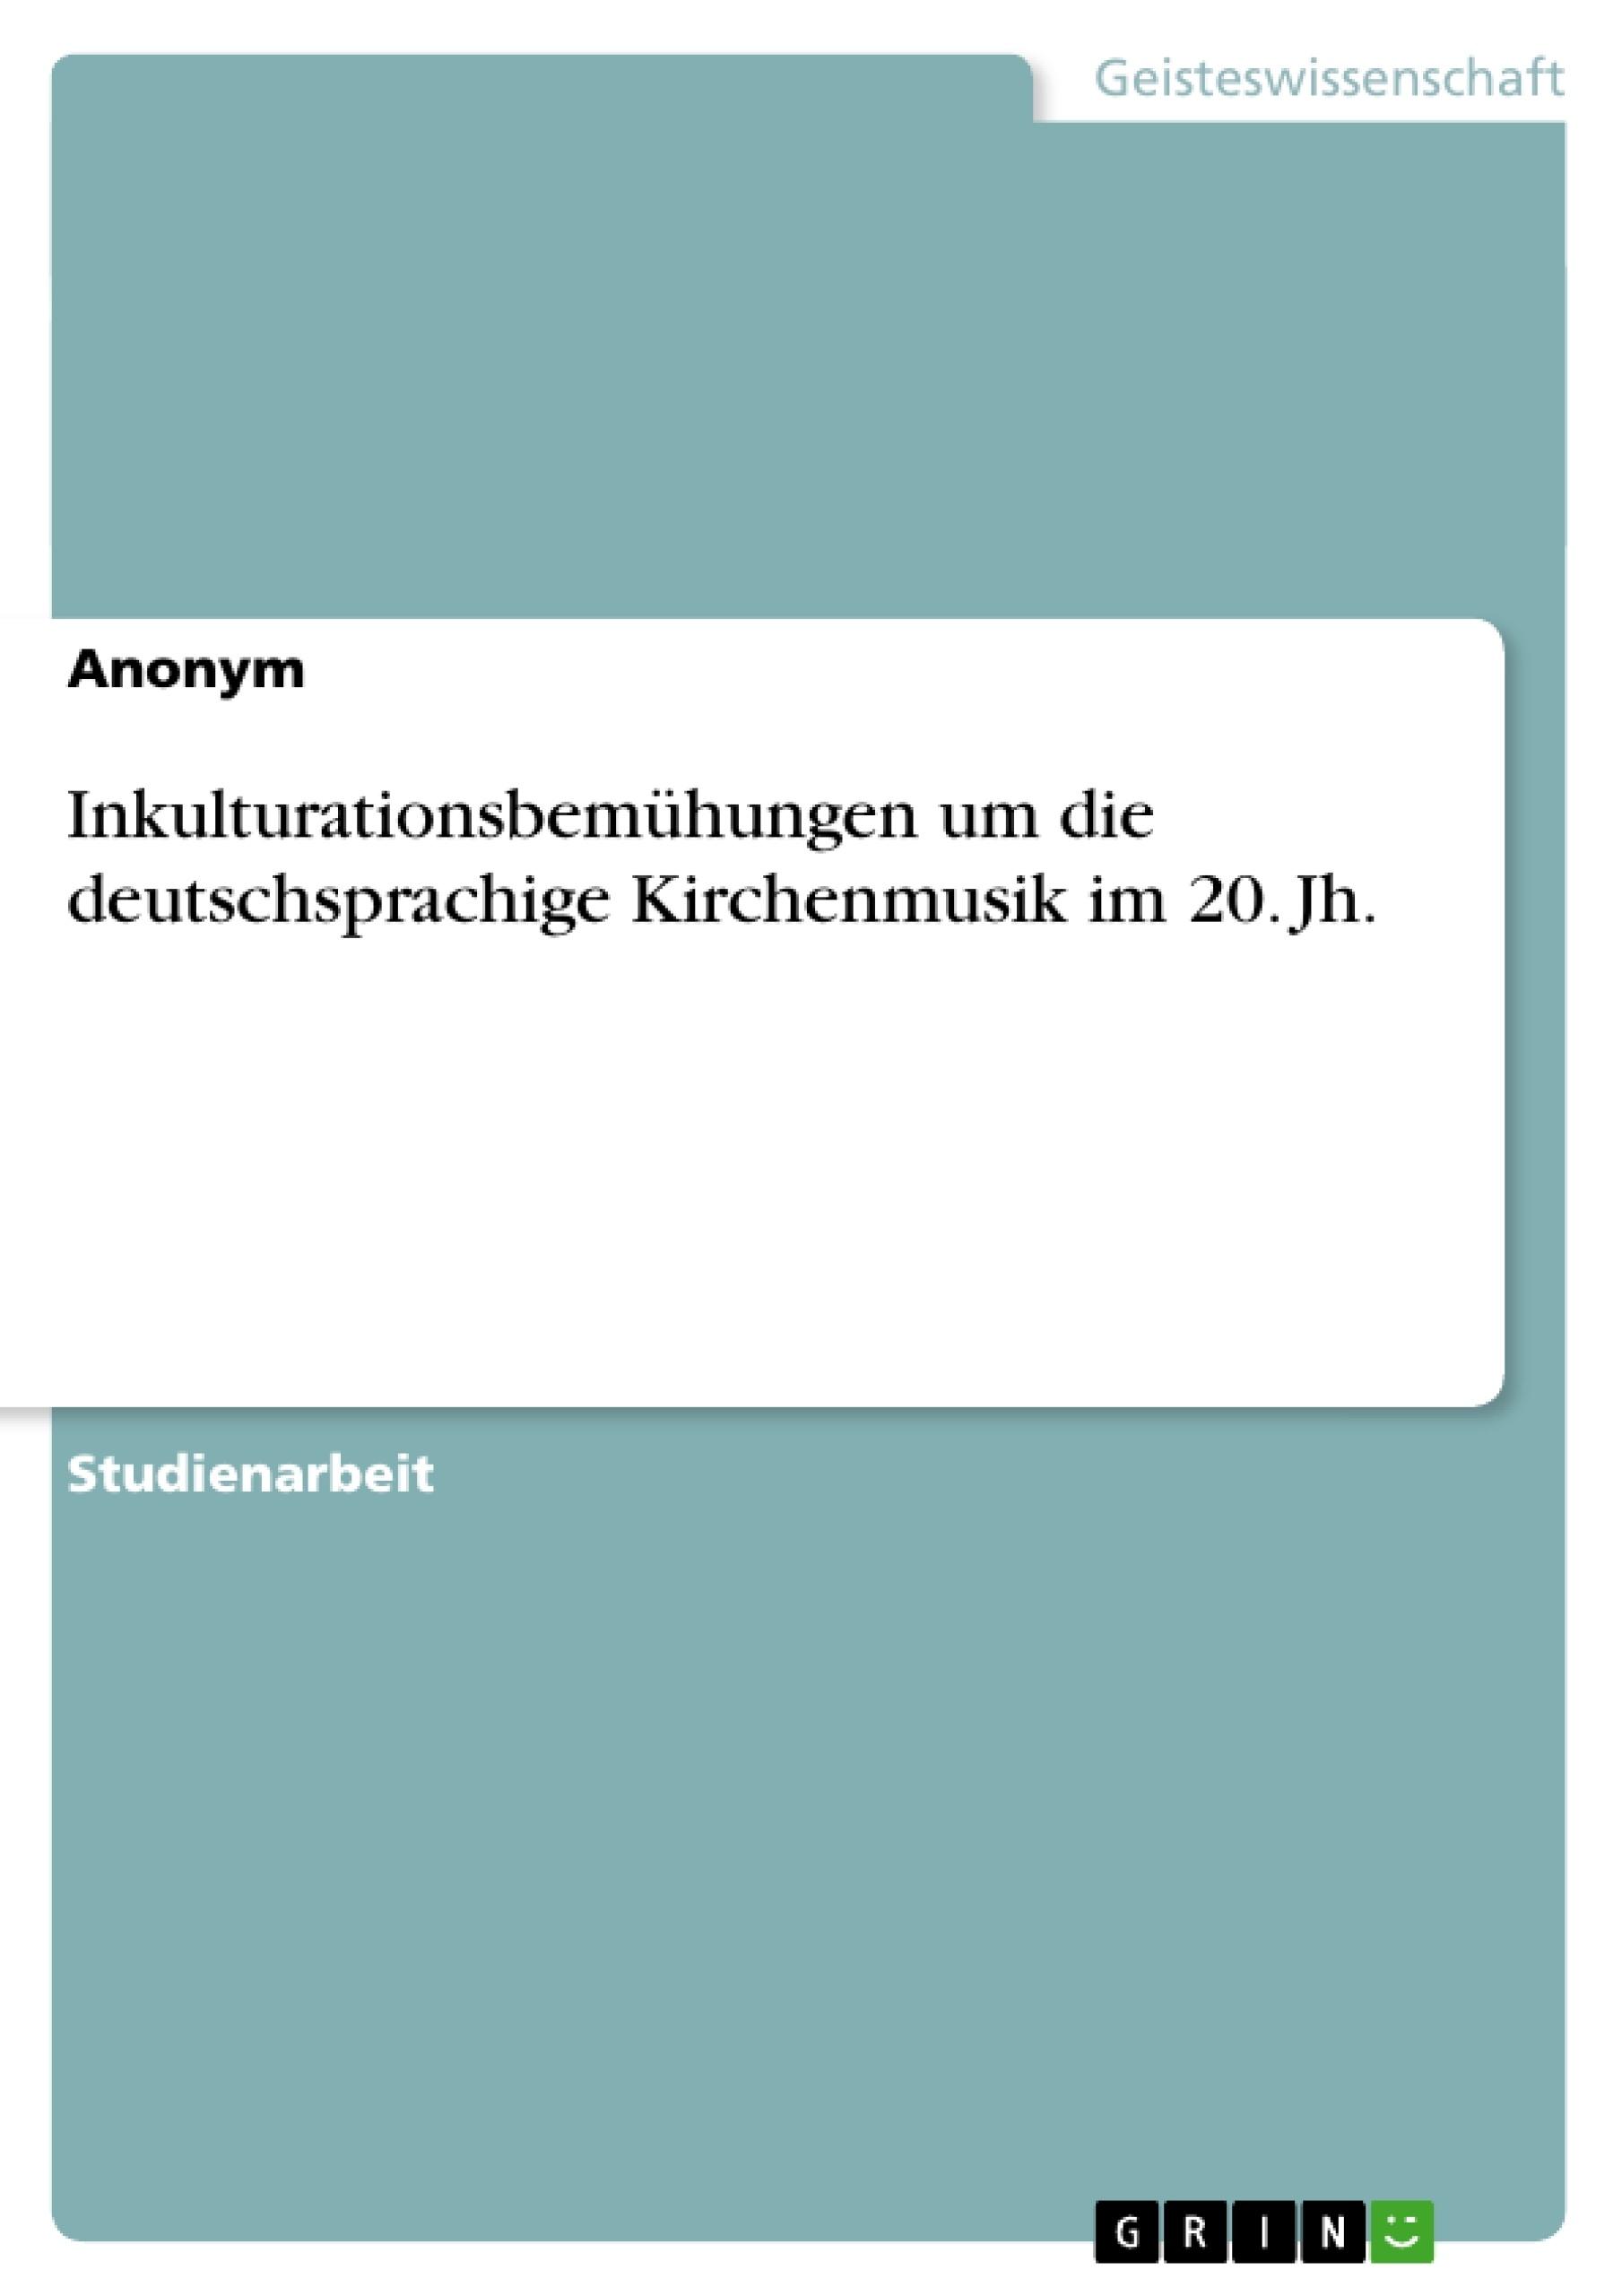 Titel: Inkulturationsbemühungen um die deutschsprachige Kirchenmusik im 20. Jh.